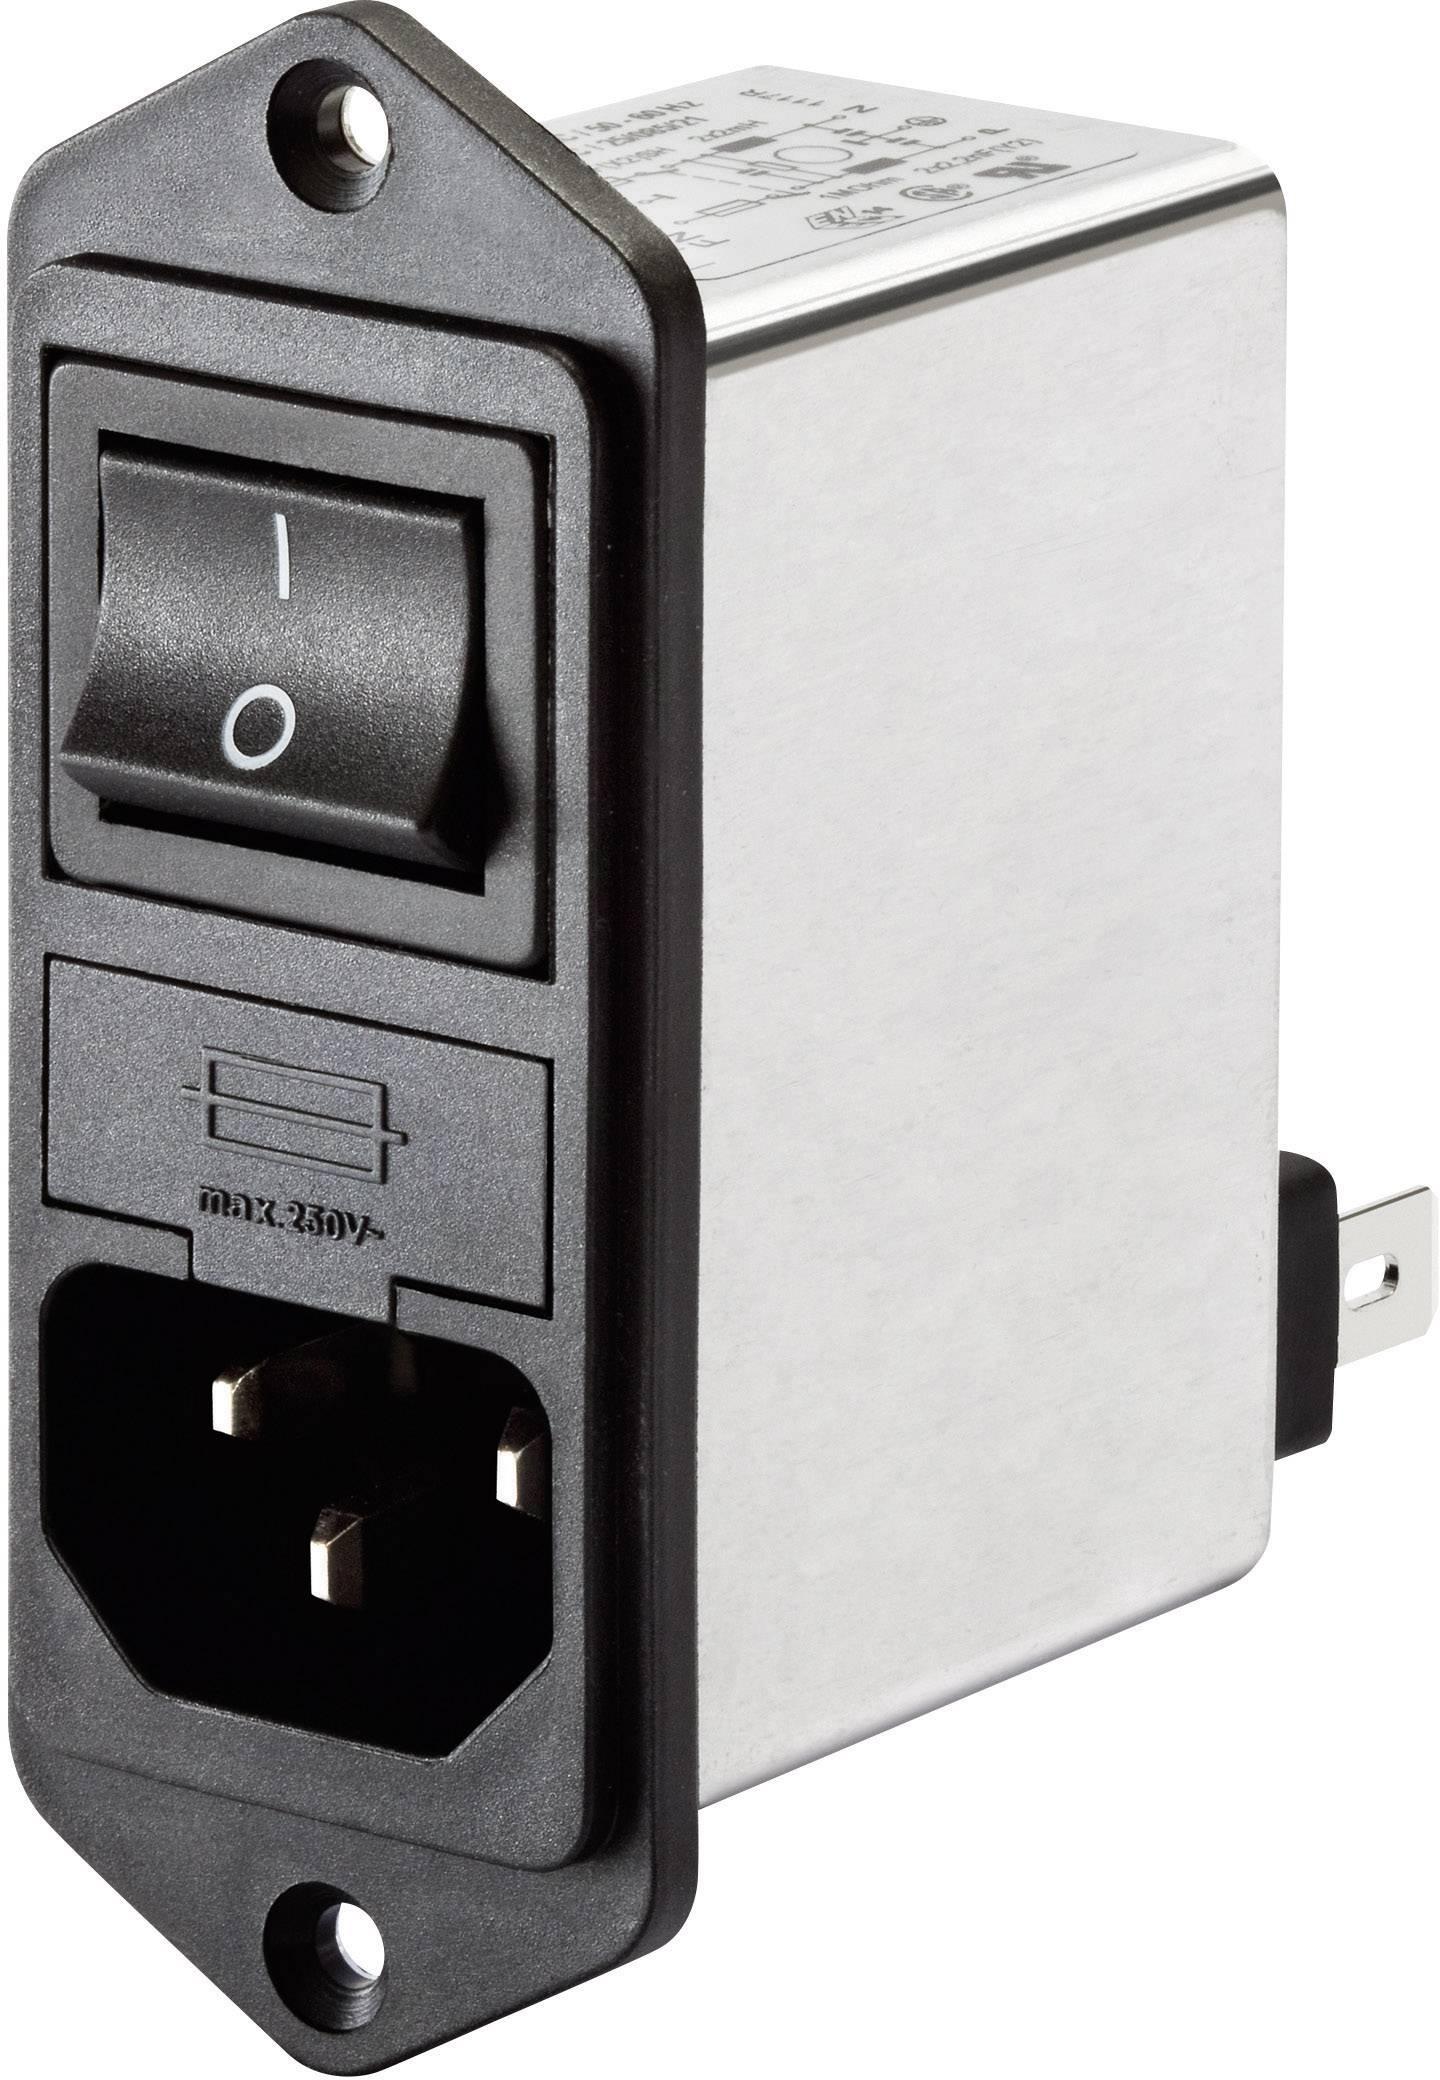 Sieťový filter Schaffner FN 283-4-06 FN 283-4-06, so spínačom, s IEC zásuvkou, 250 V/AC, 4 A, 1 mH, 1 ks